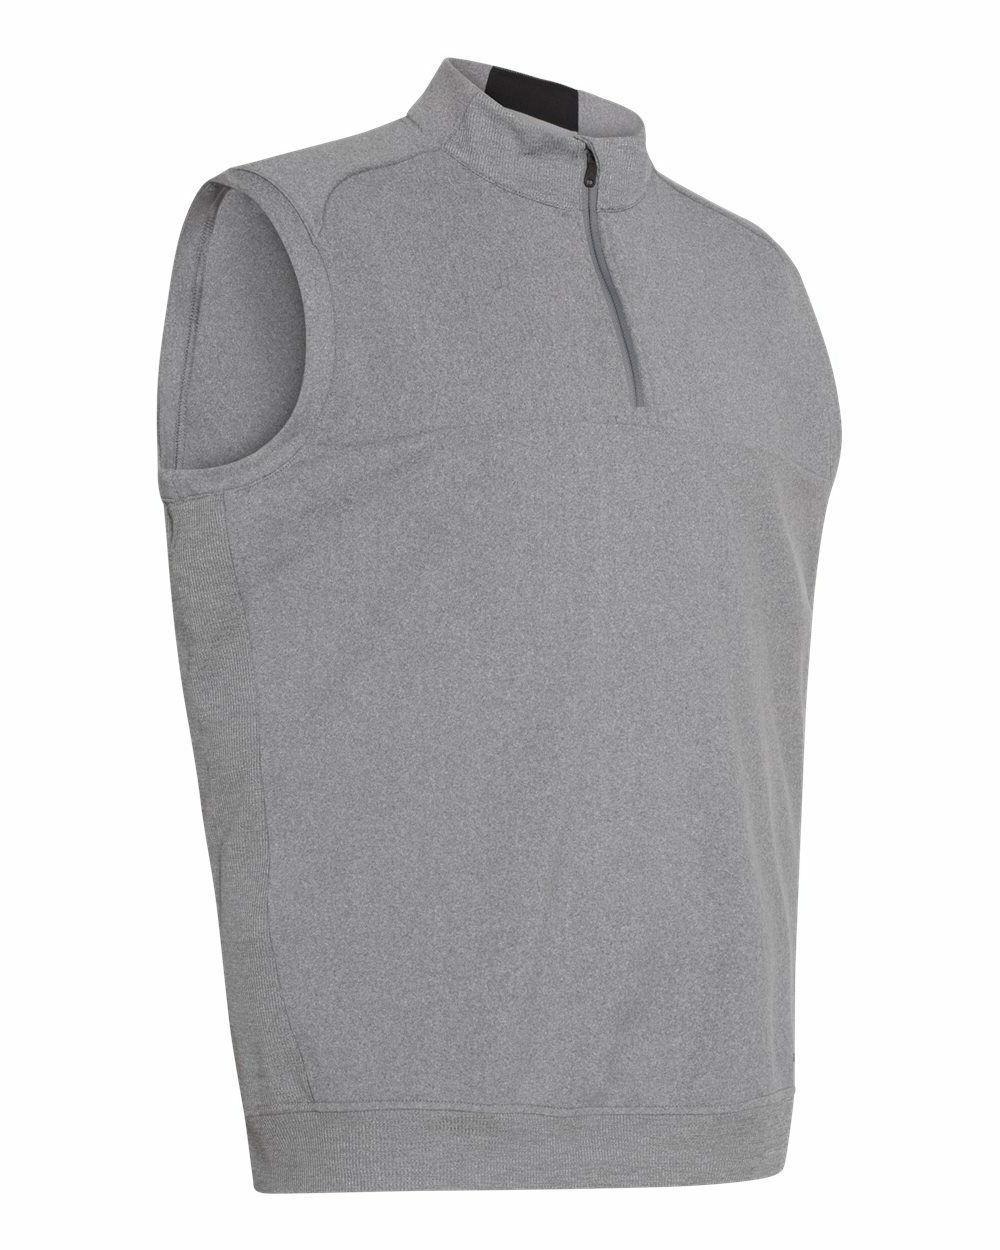 Adidas Quarter-Zip Golf Sizes A270, A271